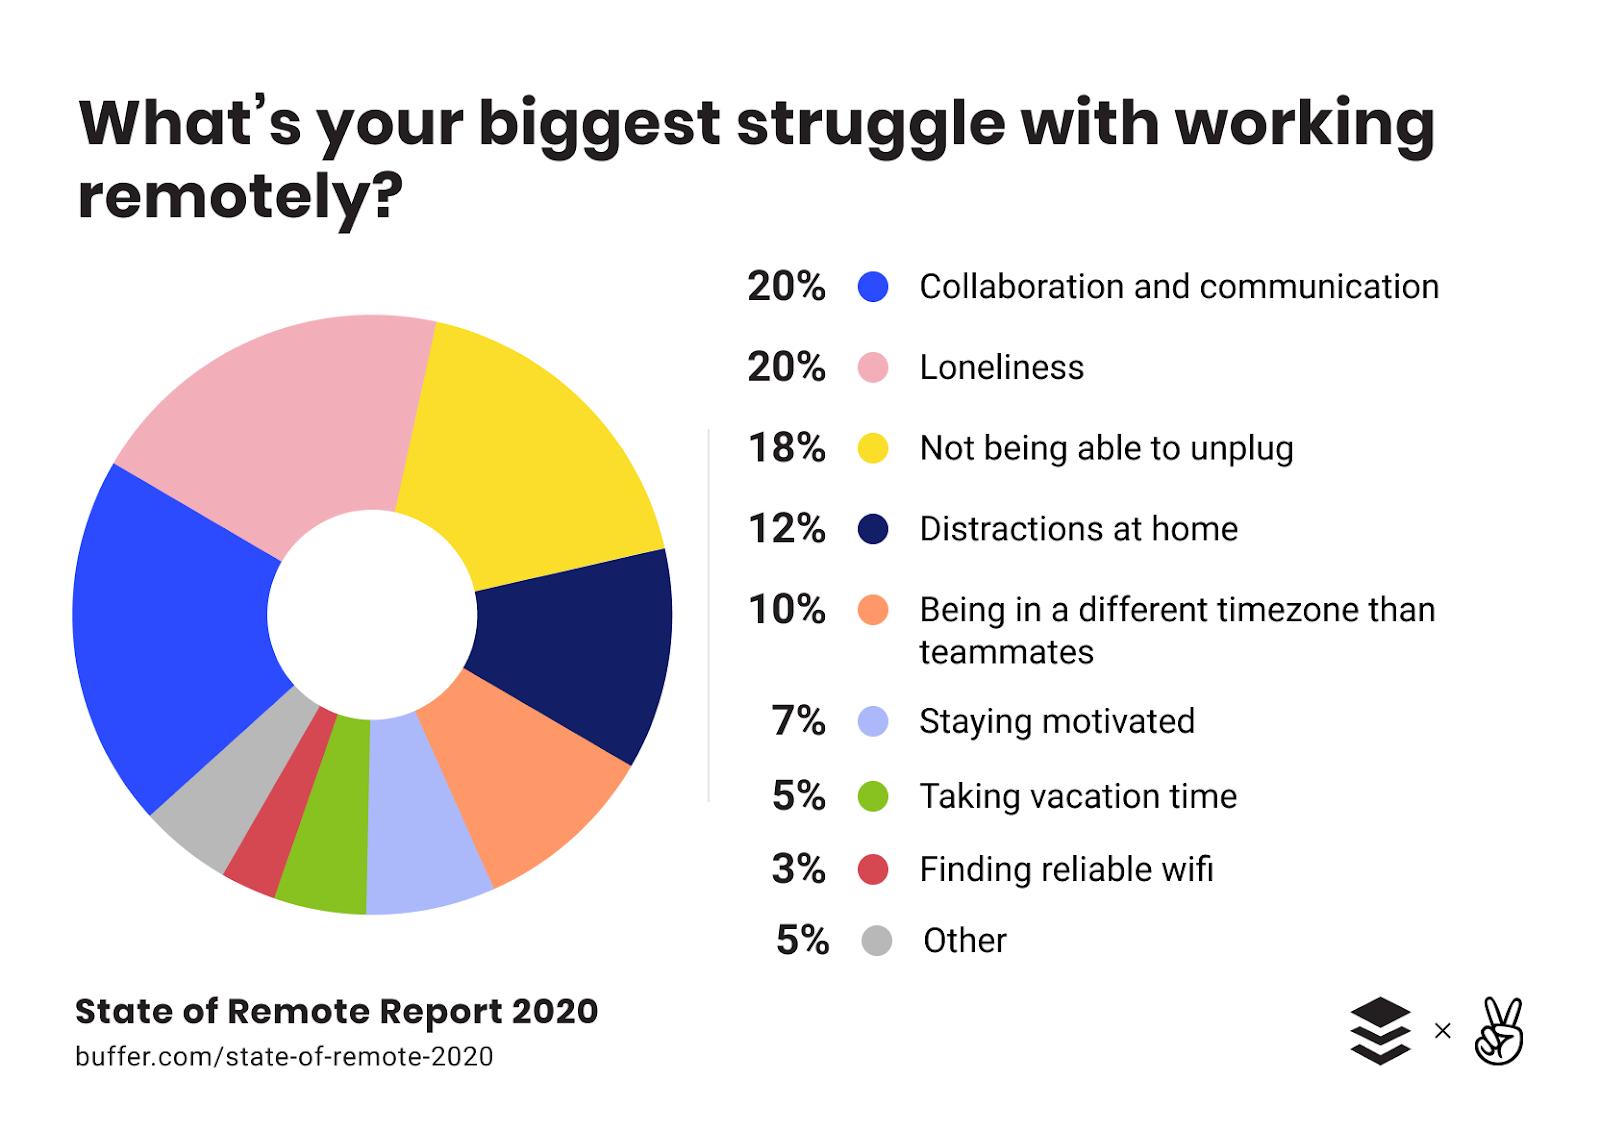 Remote work struggles statistics